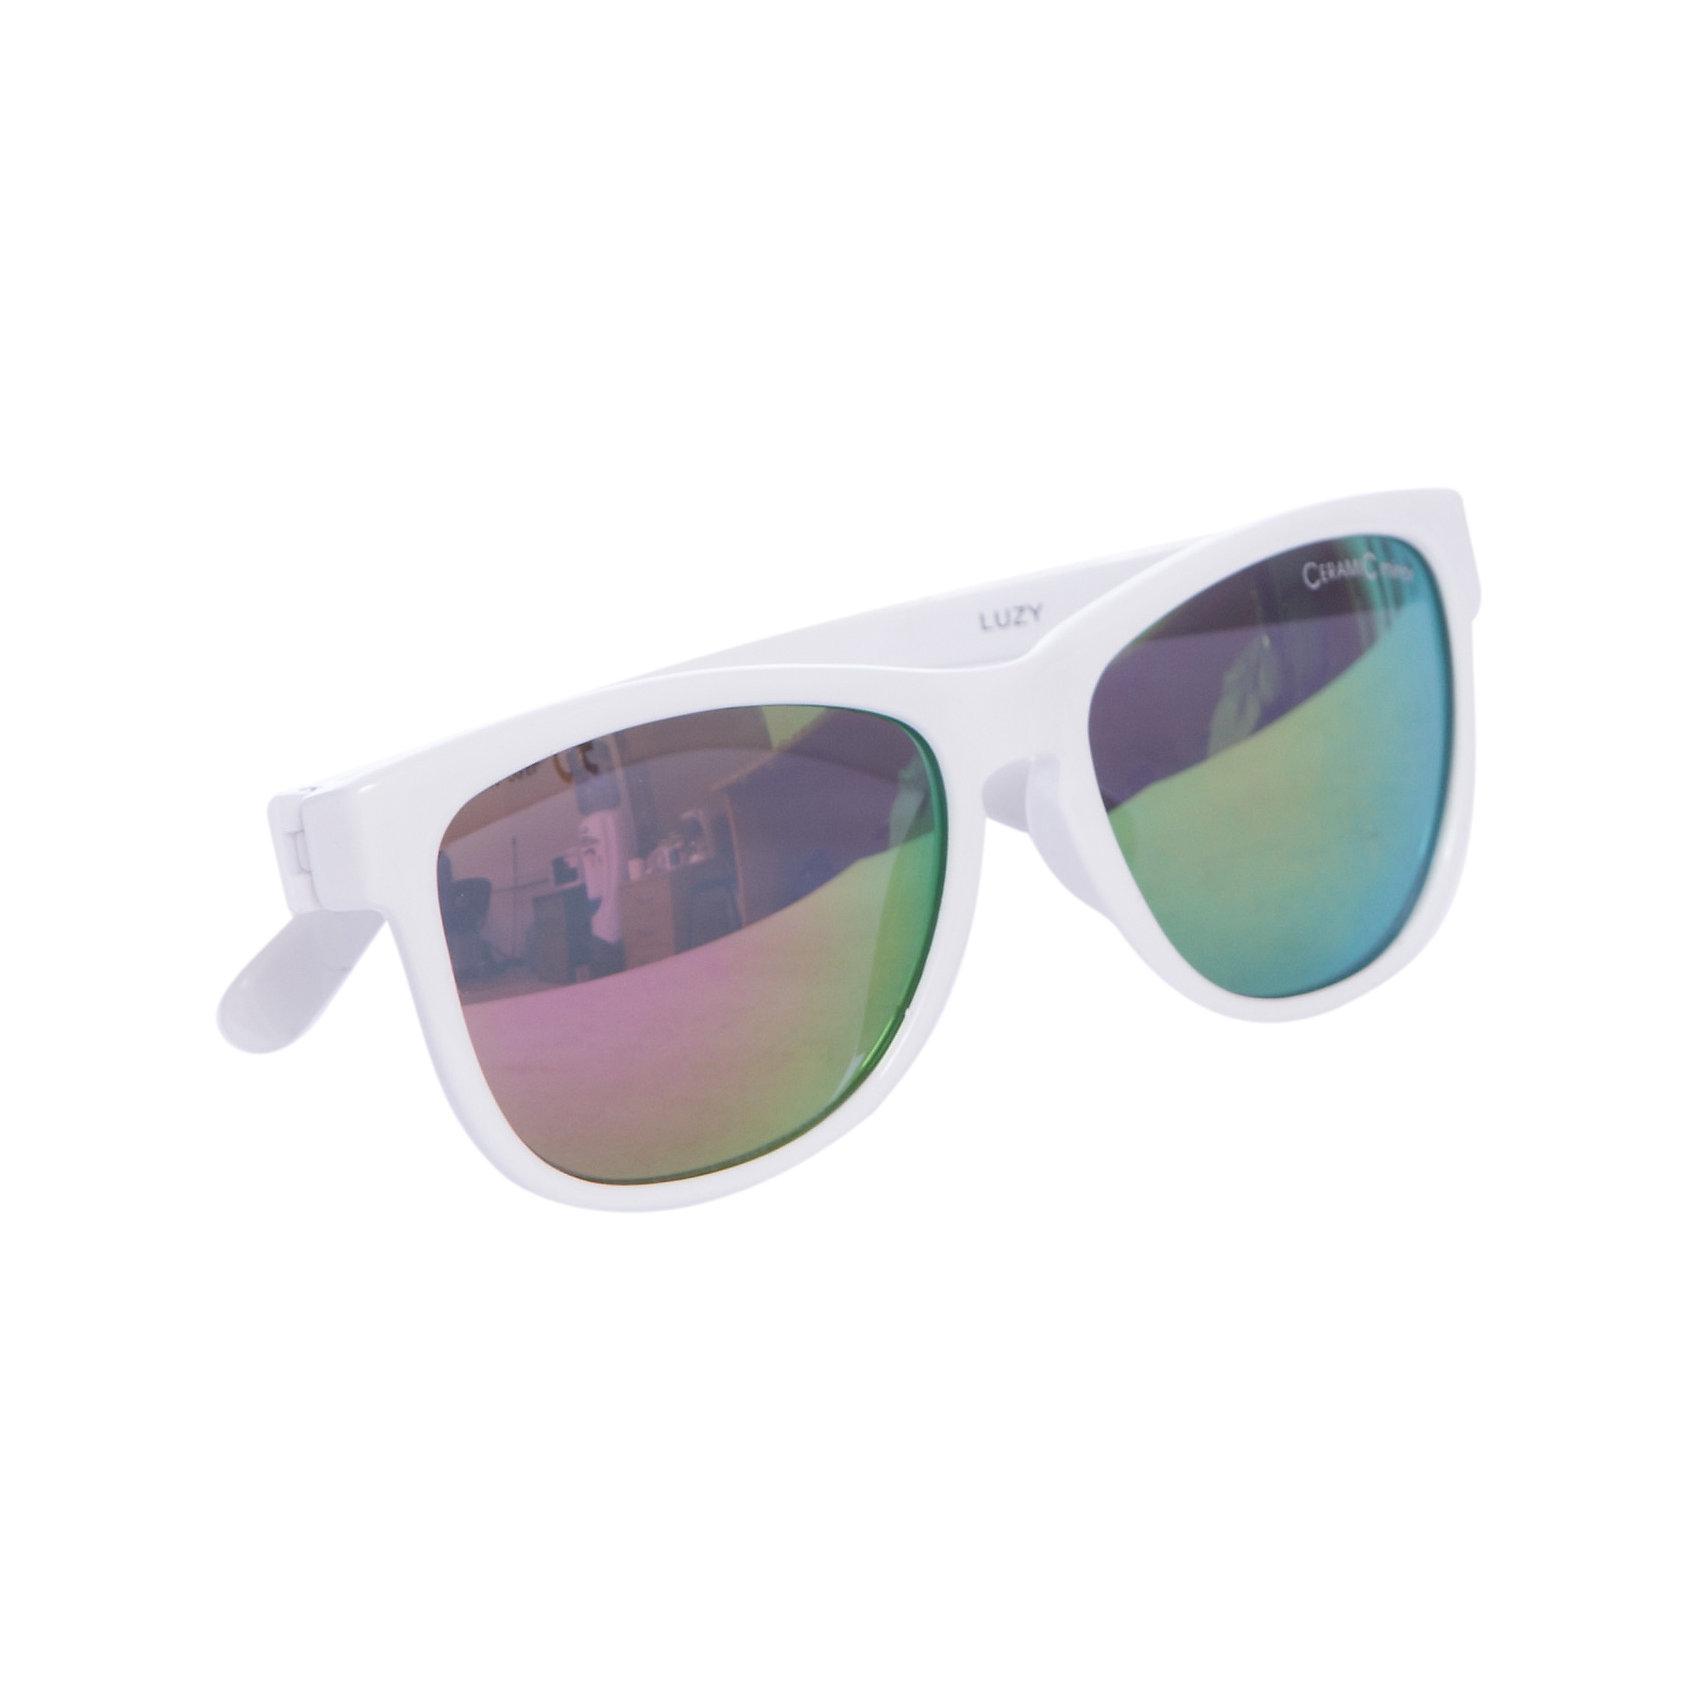 Очки солнцезащитные LUZY, белые, ALPINAСолнцезащитные очки<br><br><br>Ширина мм: 133<br>Глубина мм: 70<br>Высота мм: 38<br>Вес г: 32<br>Цвет: белый<br>Возраст от месяцев: 72<br>Возраст до месяцев: 120<br>Пол: Женский<br>Возраст: Детский<br>SKU: 5225743